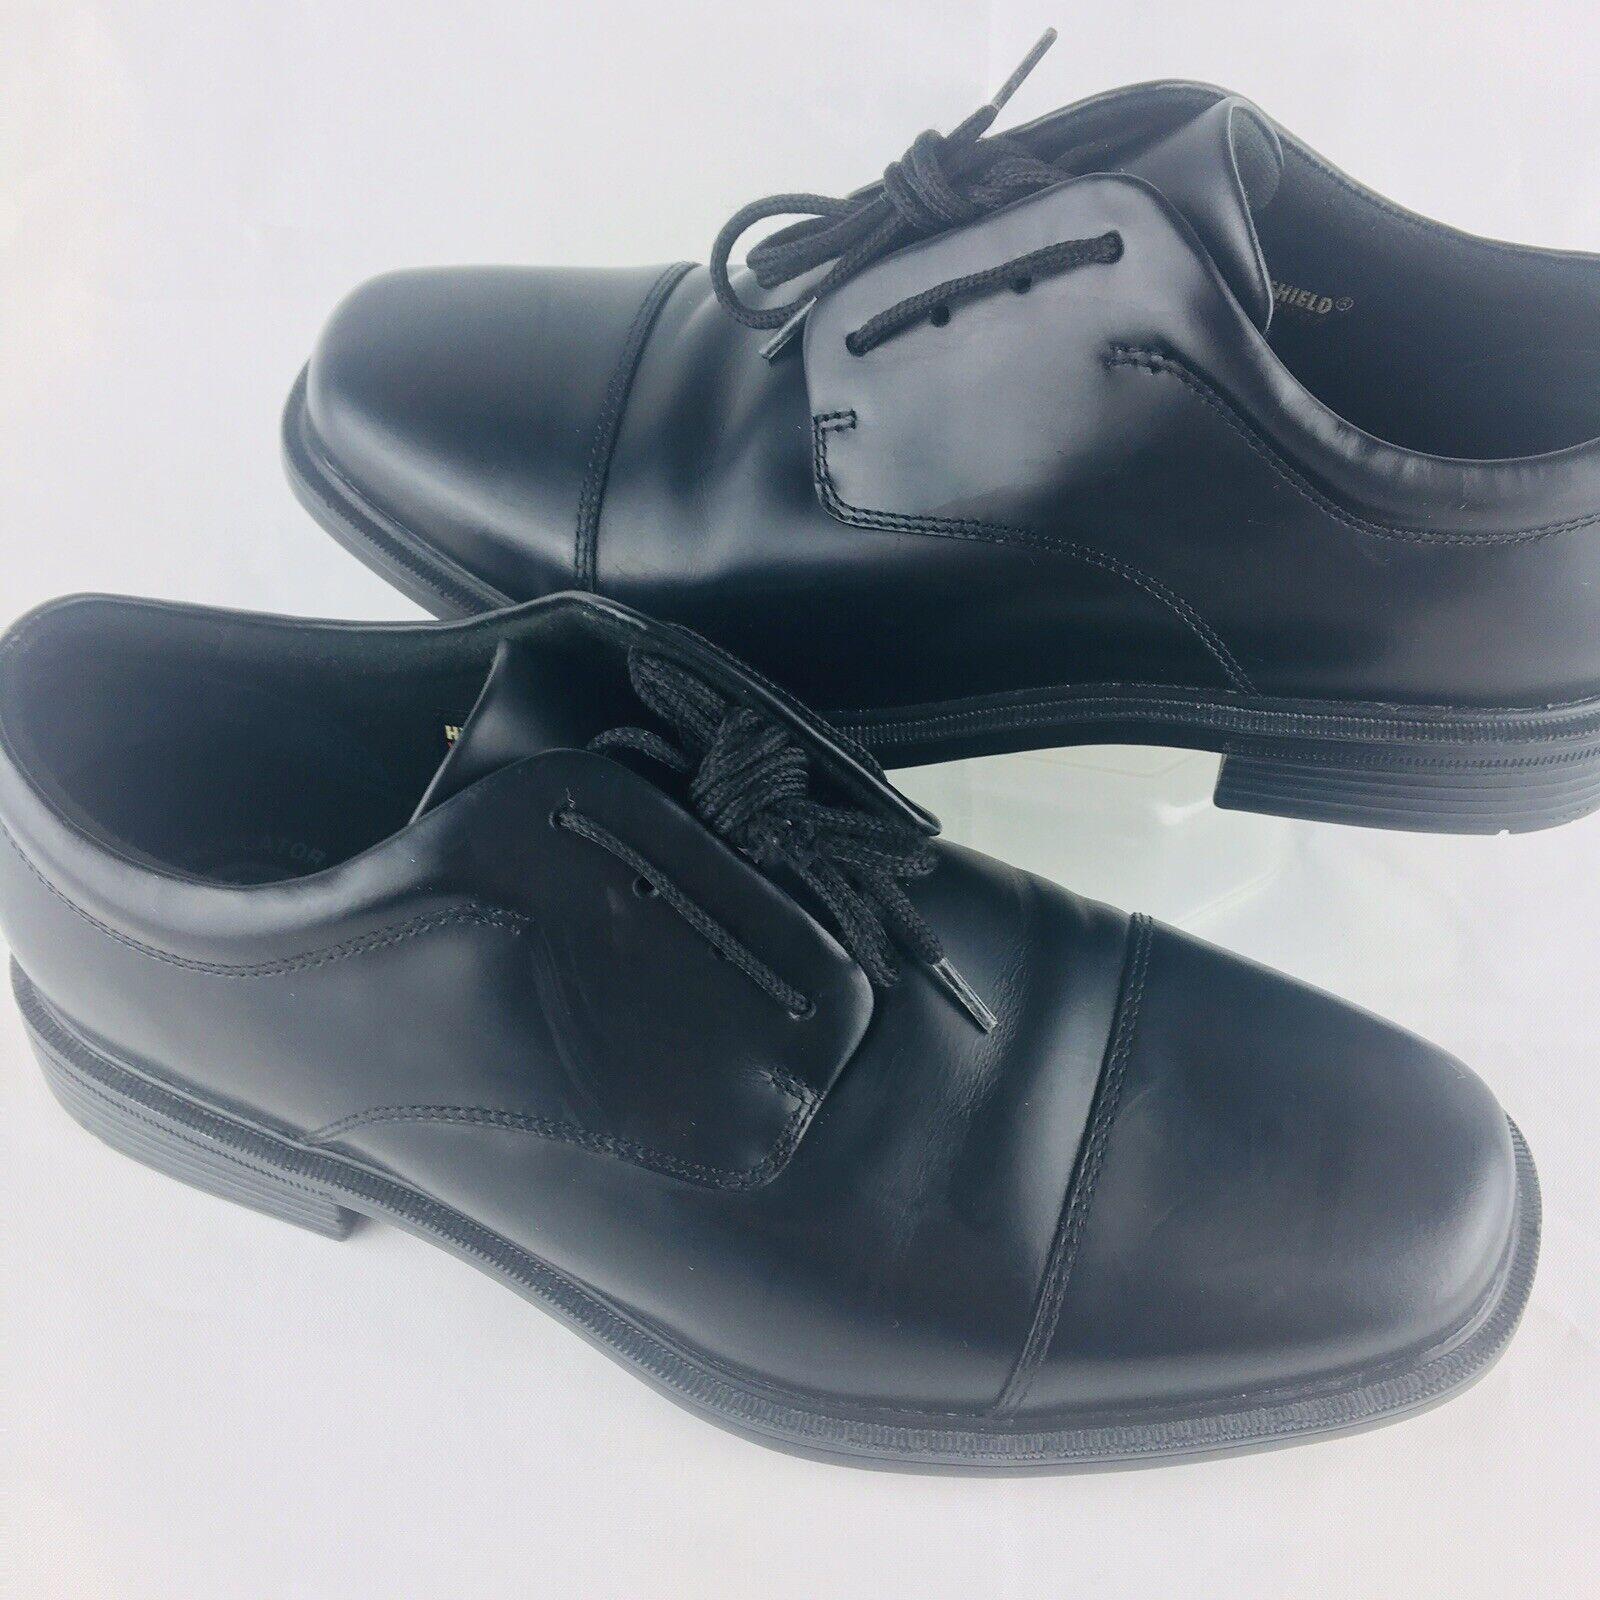 Rockport Men's 7 EllingwoodWaterproofOxfords Black  Oxblood Dress shoes New